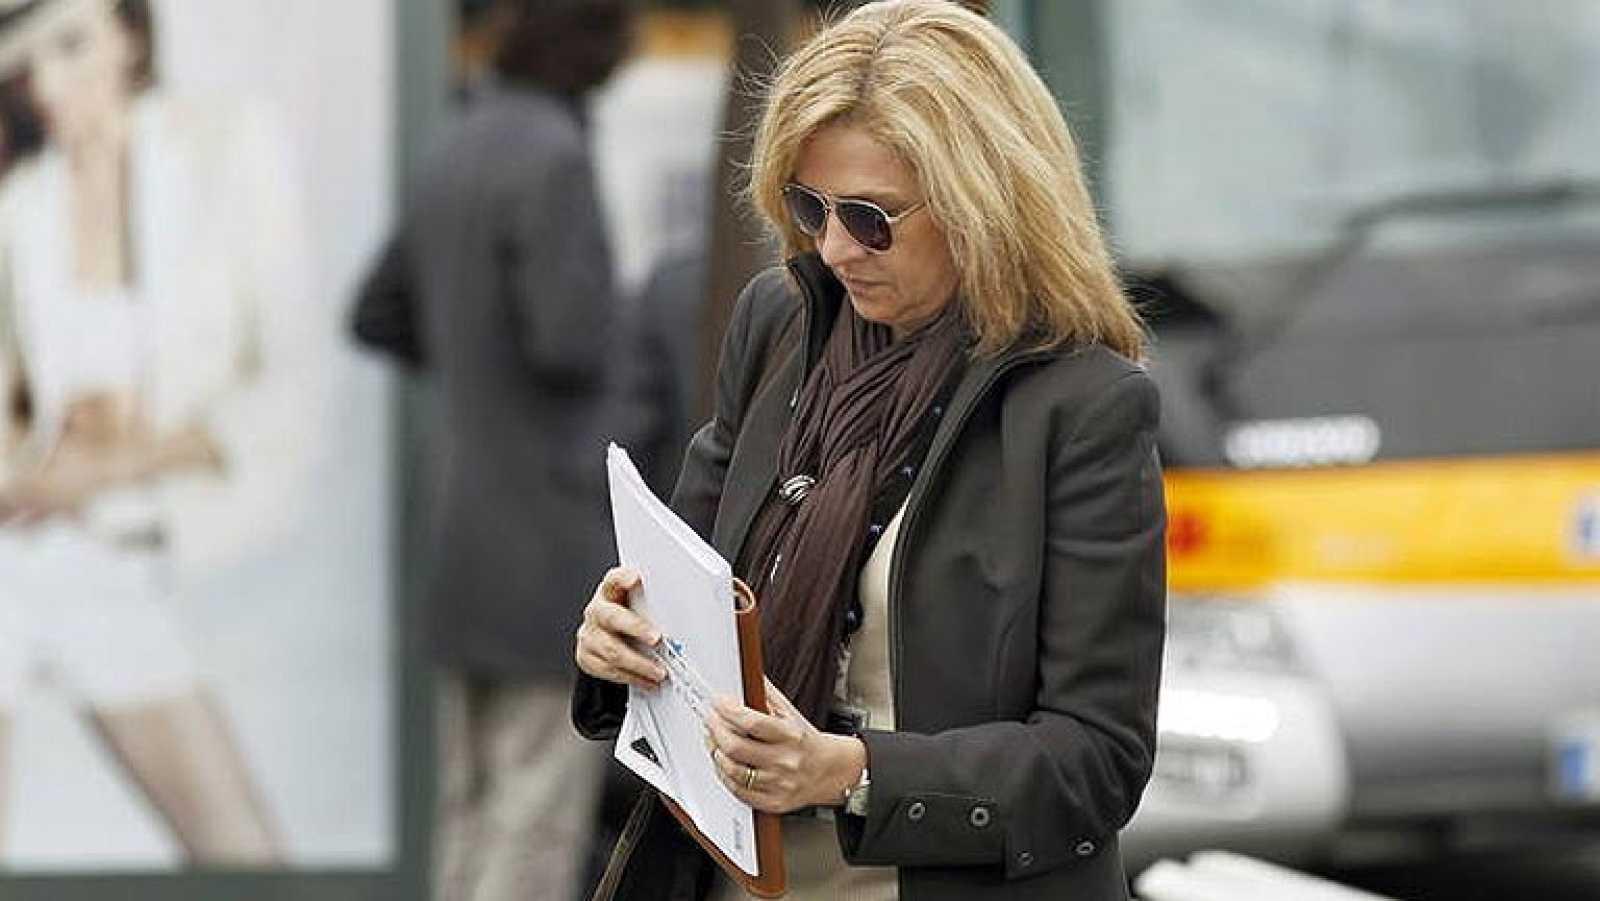 La Fiscalía asegura que no hay pruebas que vinculen a la infanta Cristina con actos delictivos